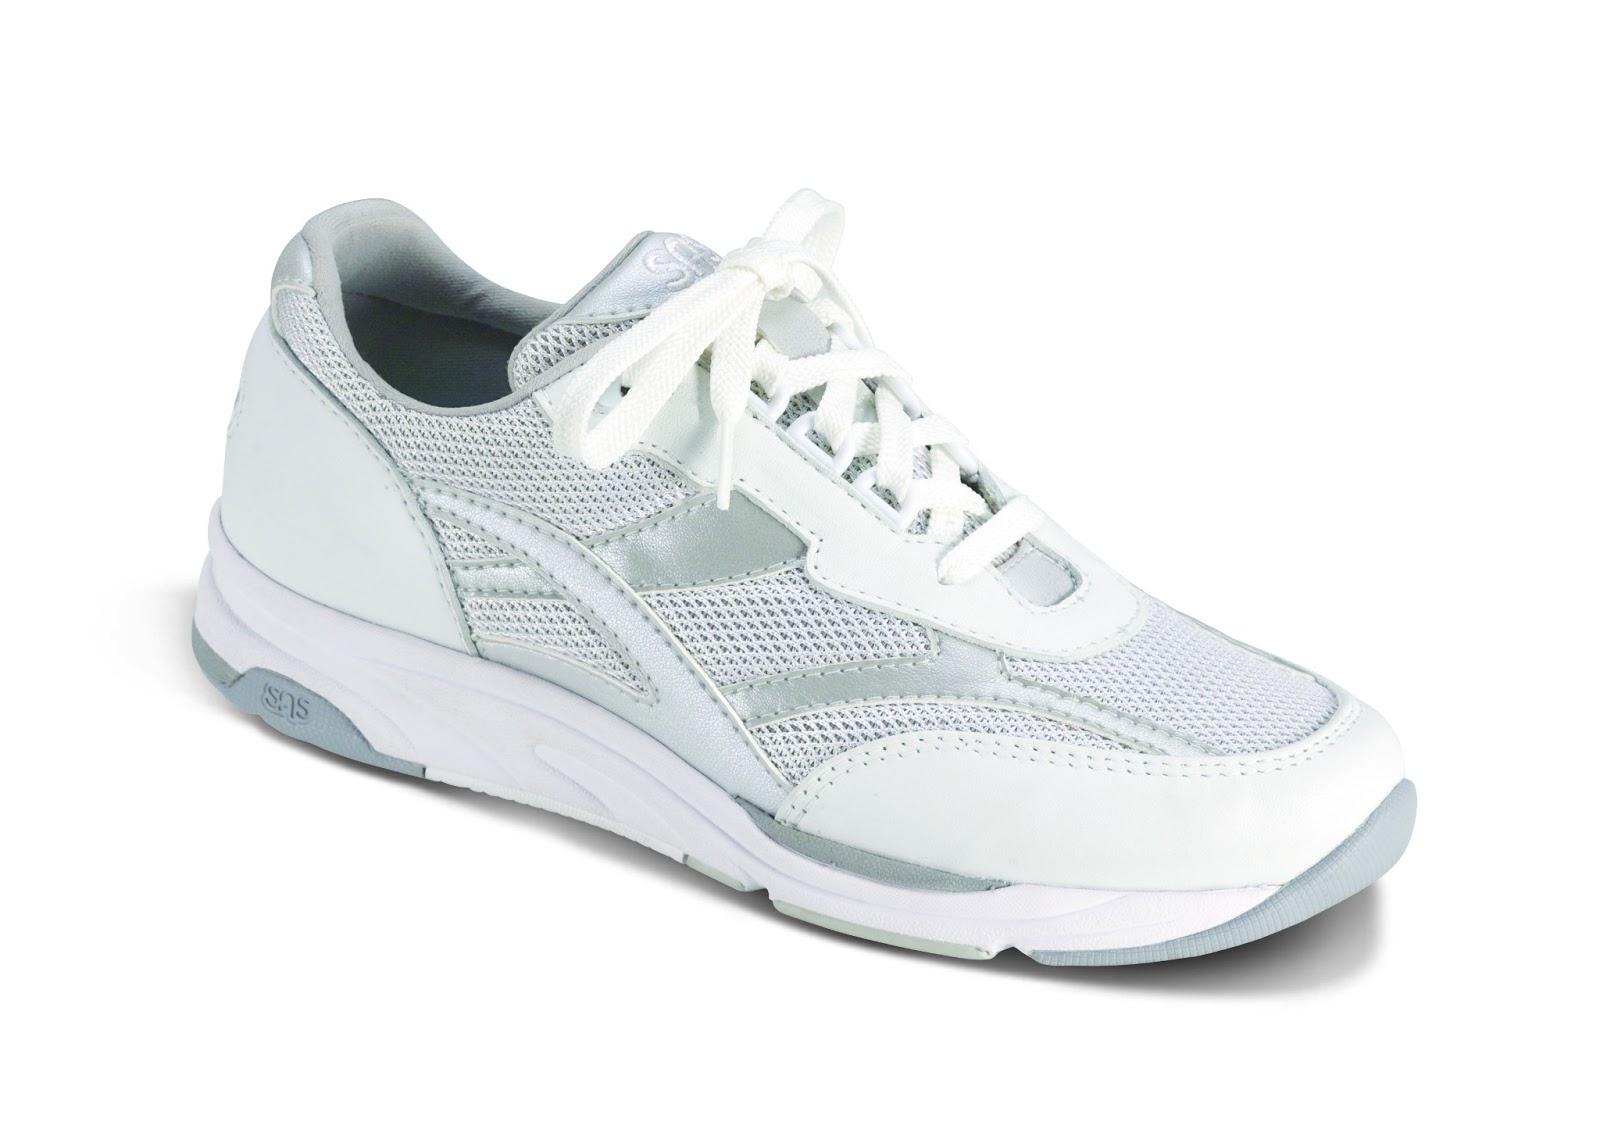 Sas Tour Walking Shoes